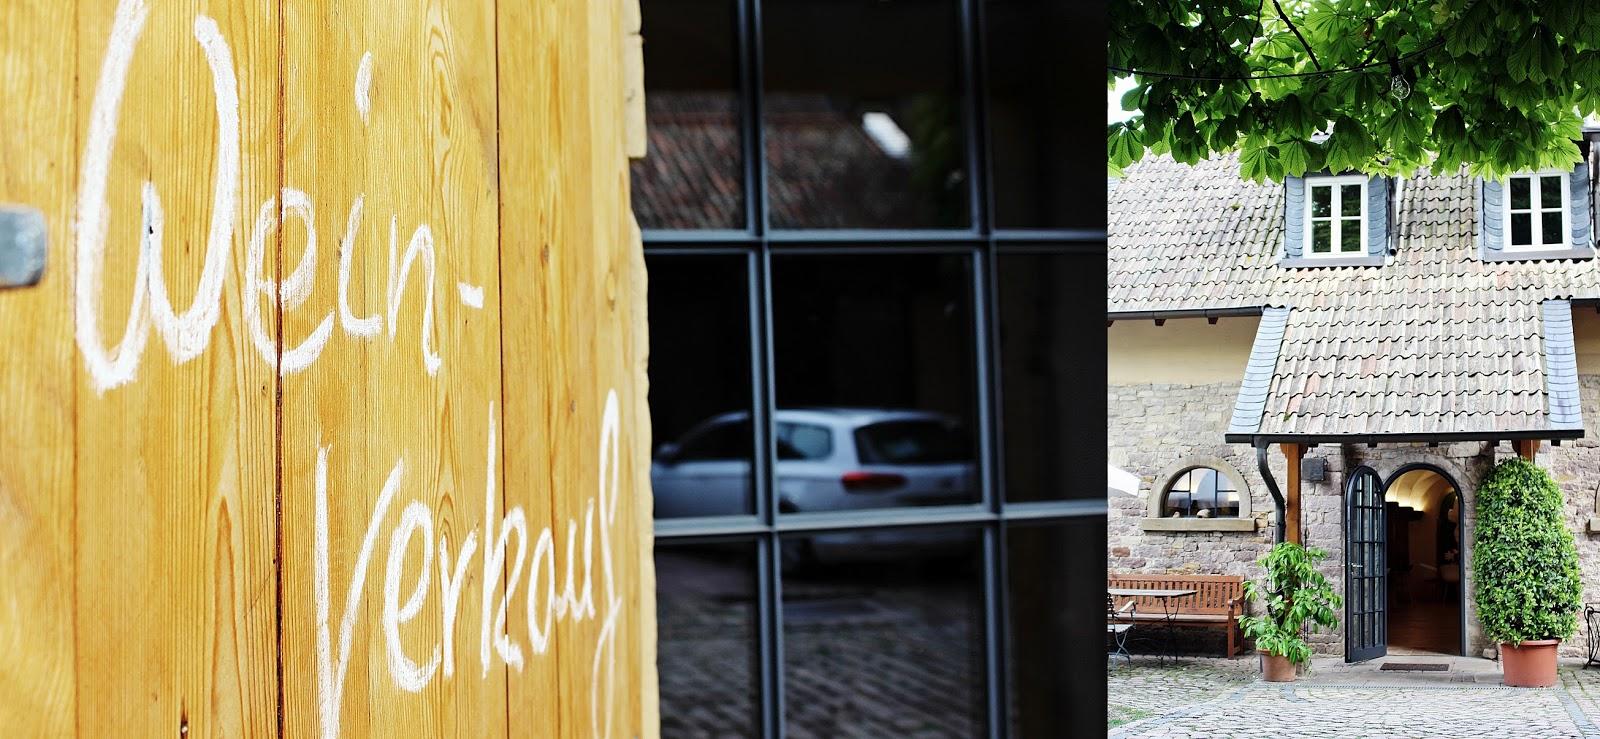 Der Innenhof des Weinguts Wagner-Stempel in Siefersheim